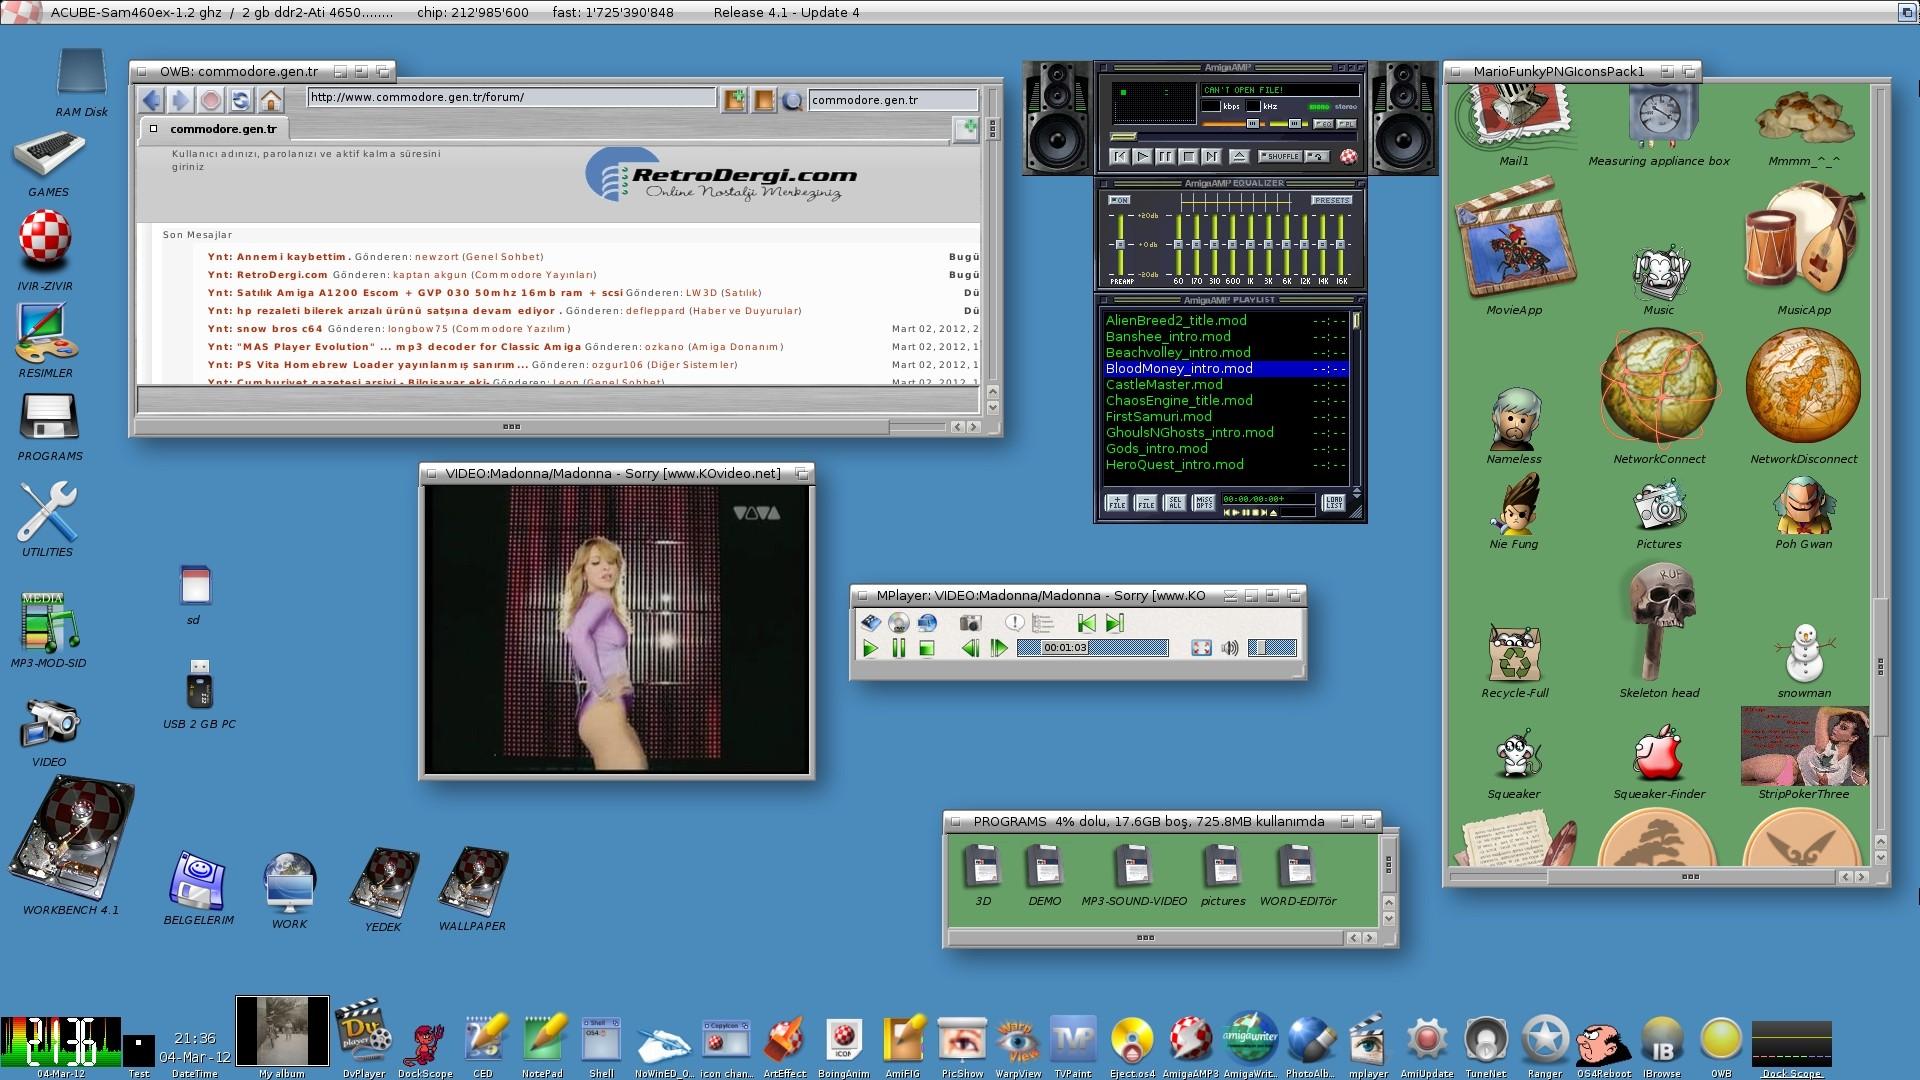 AMİGAOS 4.1 UPDATE 4 + SAM460EX